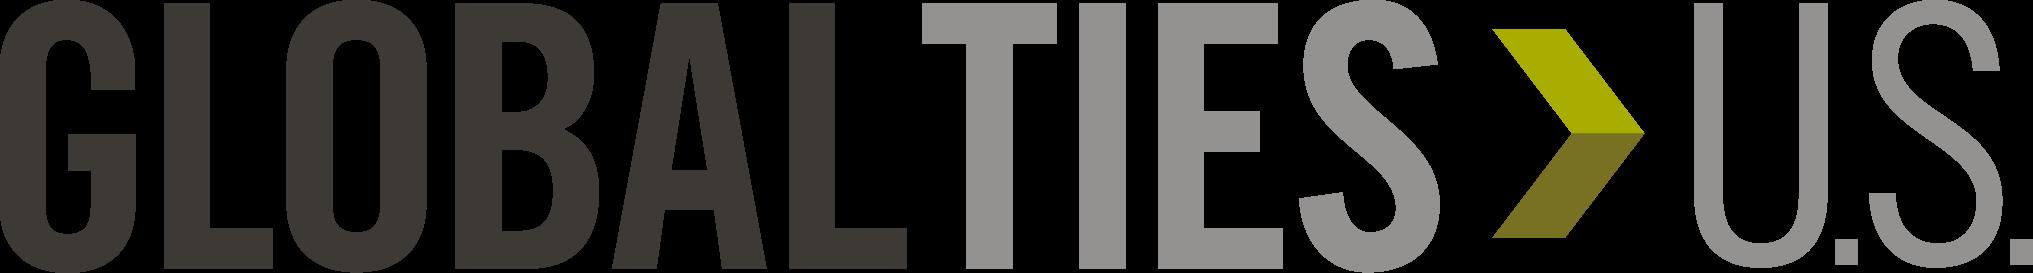 Global Ties U.S. Logo